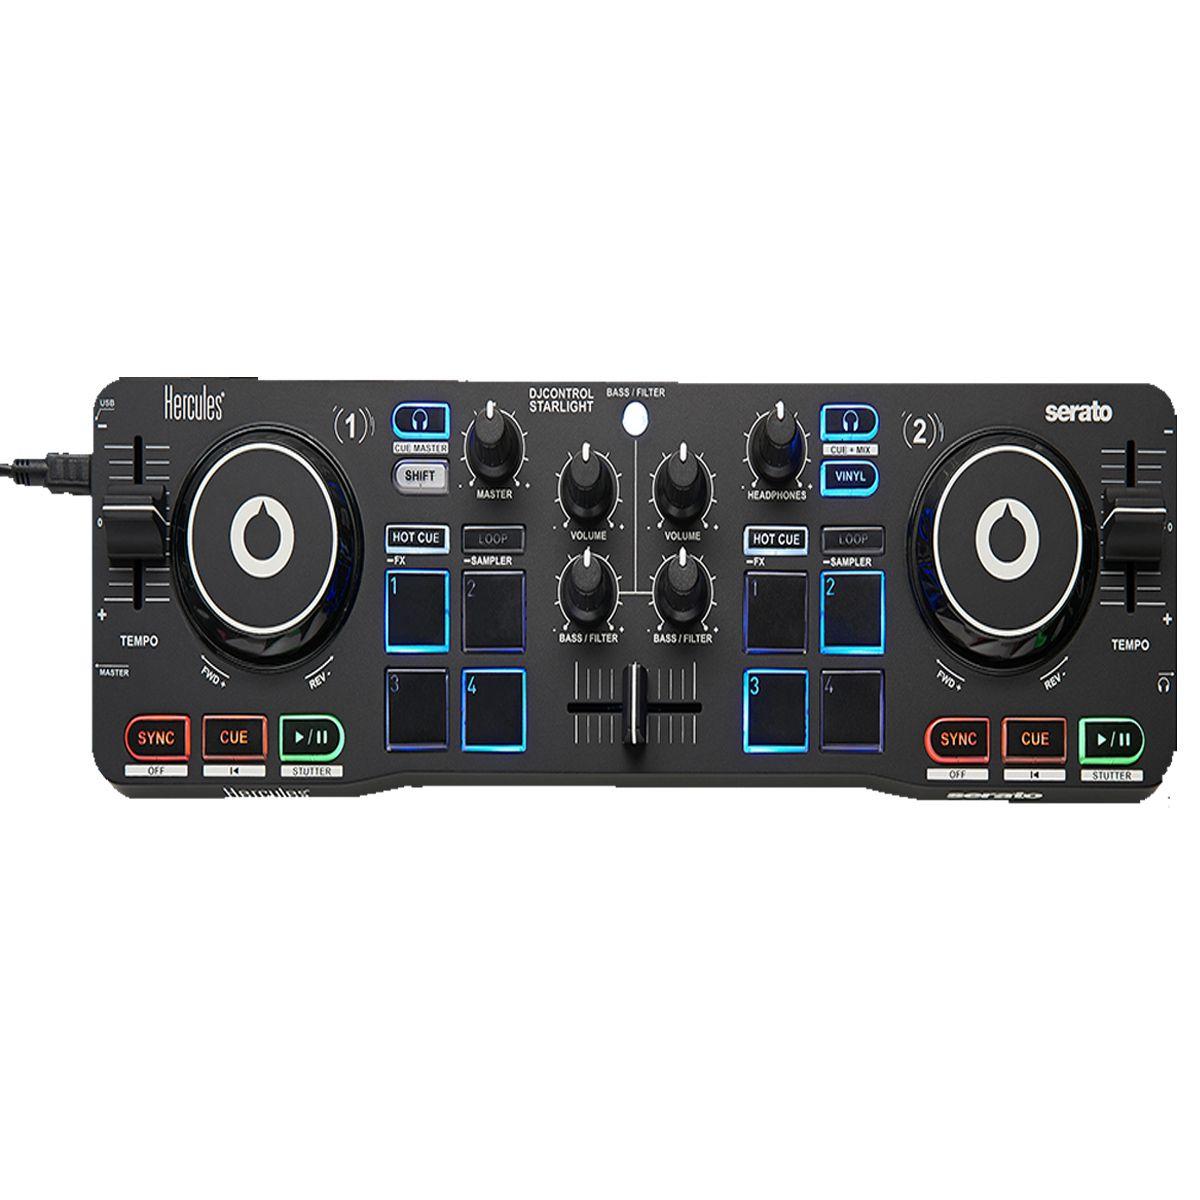 Controladora Hercules DJ Control Starlight